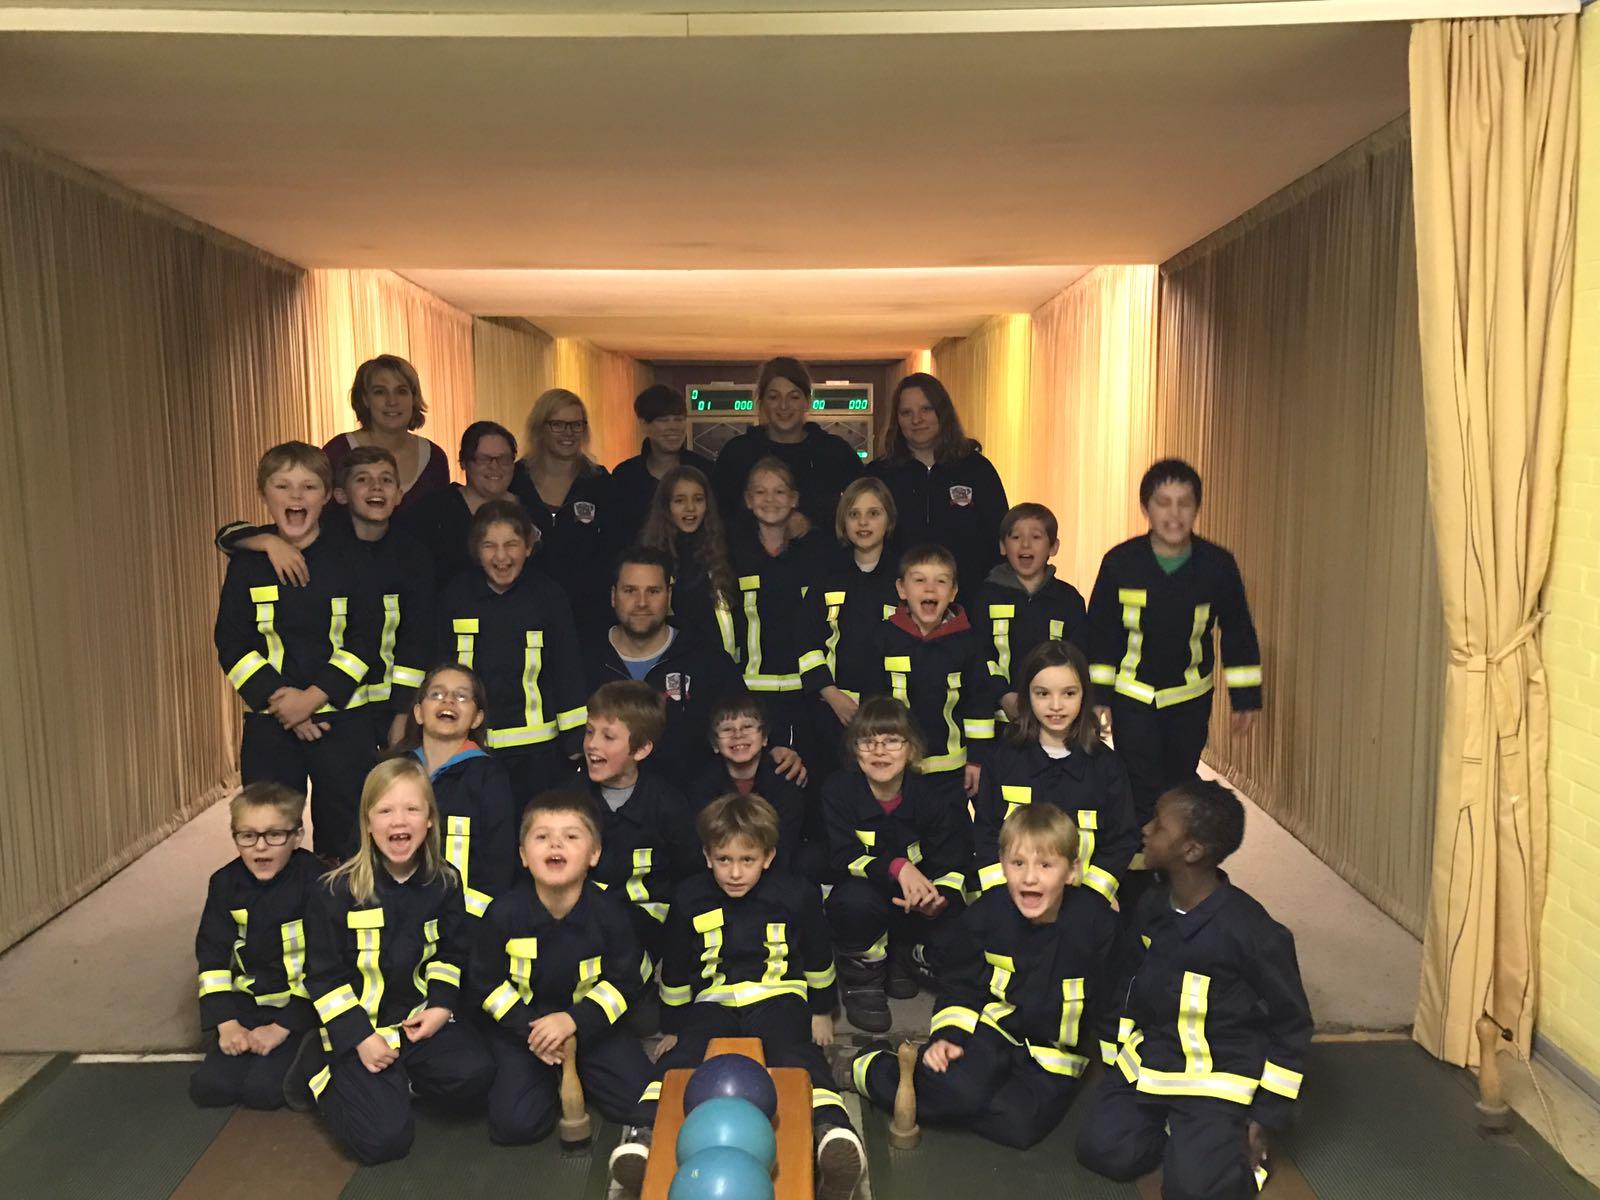 Kinderfeuerwehr erhält neuen Feuerwehranzug